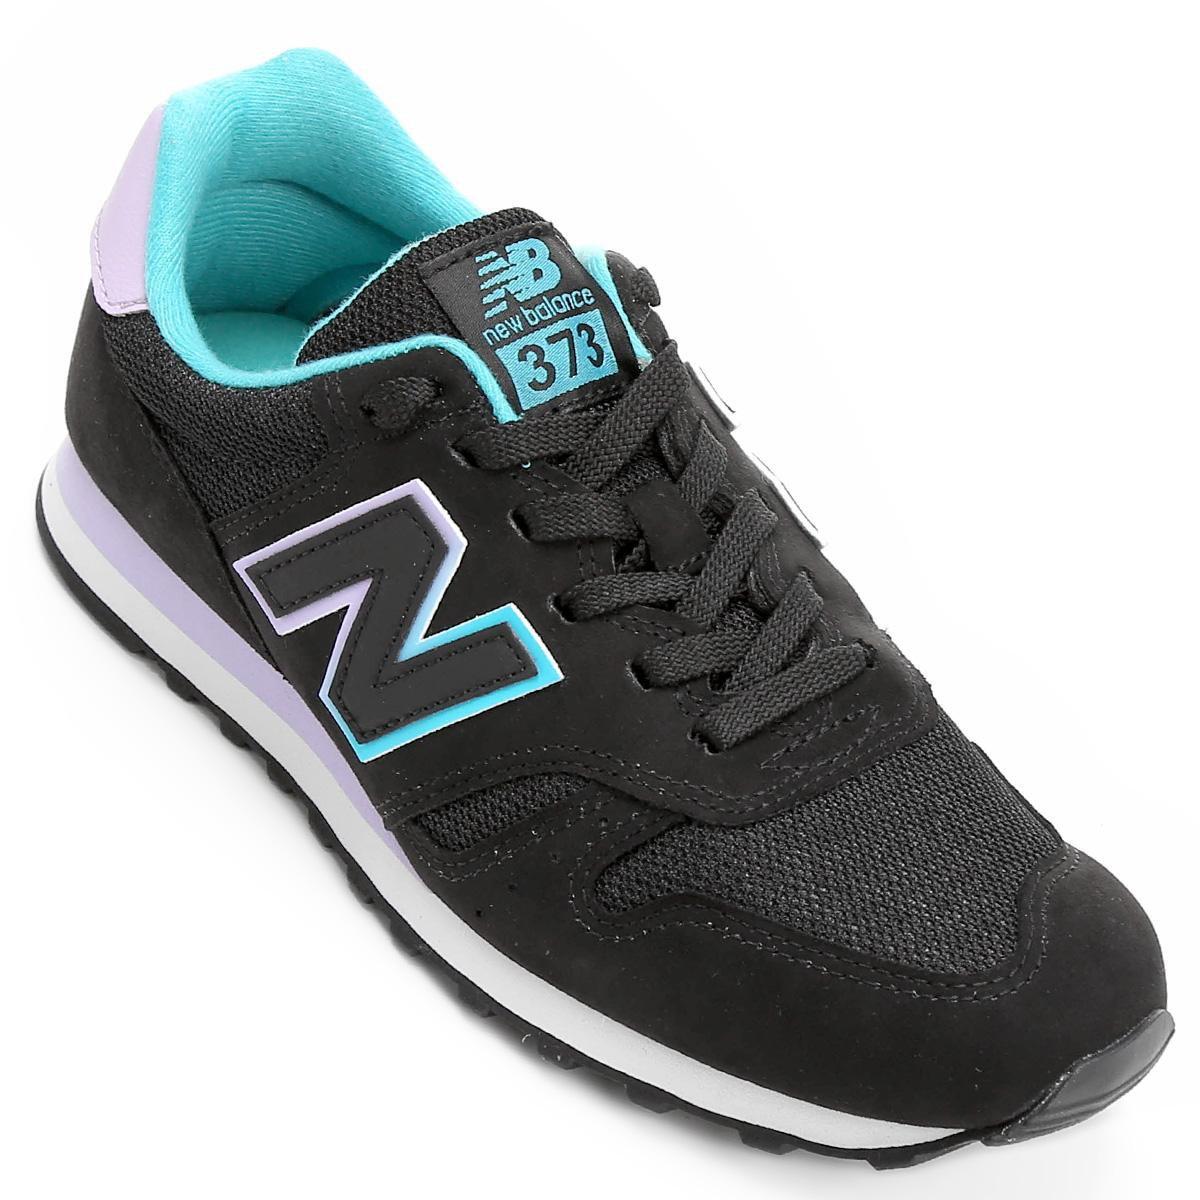 new balance 373 preto e azul, OFF 77%,Cheap price !